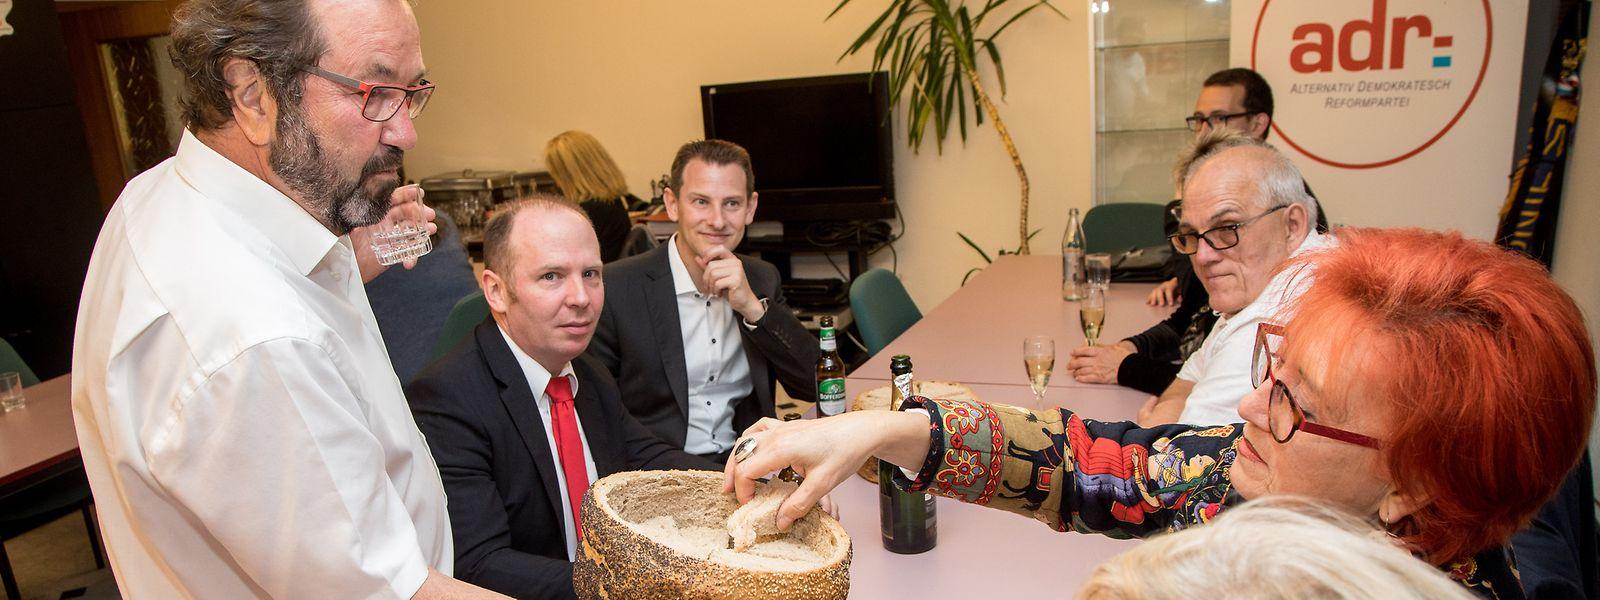 Spitzenkandidat Gast Gibéryen (links) war sich nicht zu schade, Schnittchen an die wartenden Parteimitglieder zu verteilen.